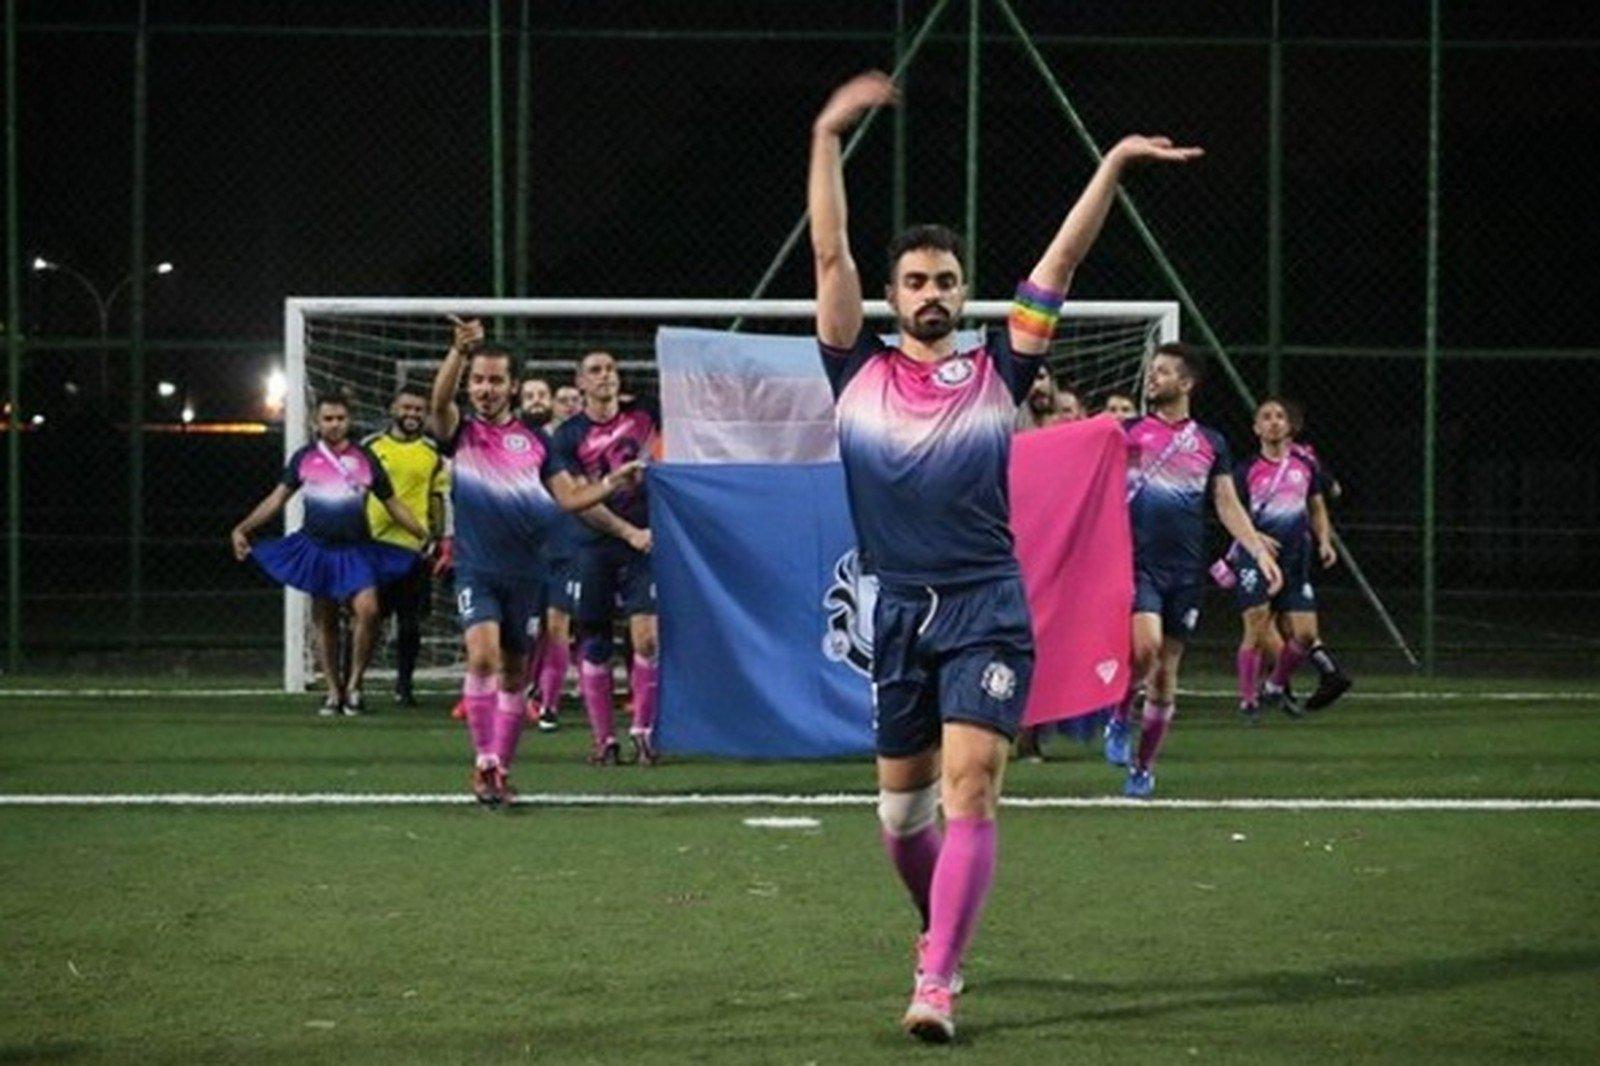 Brezilya'da İlk Eşcinsel Futbol Turnuvası Düzenlendi!